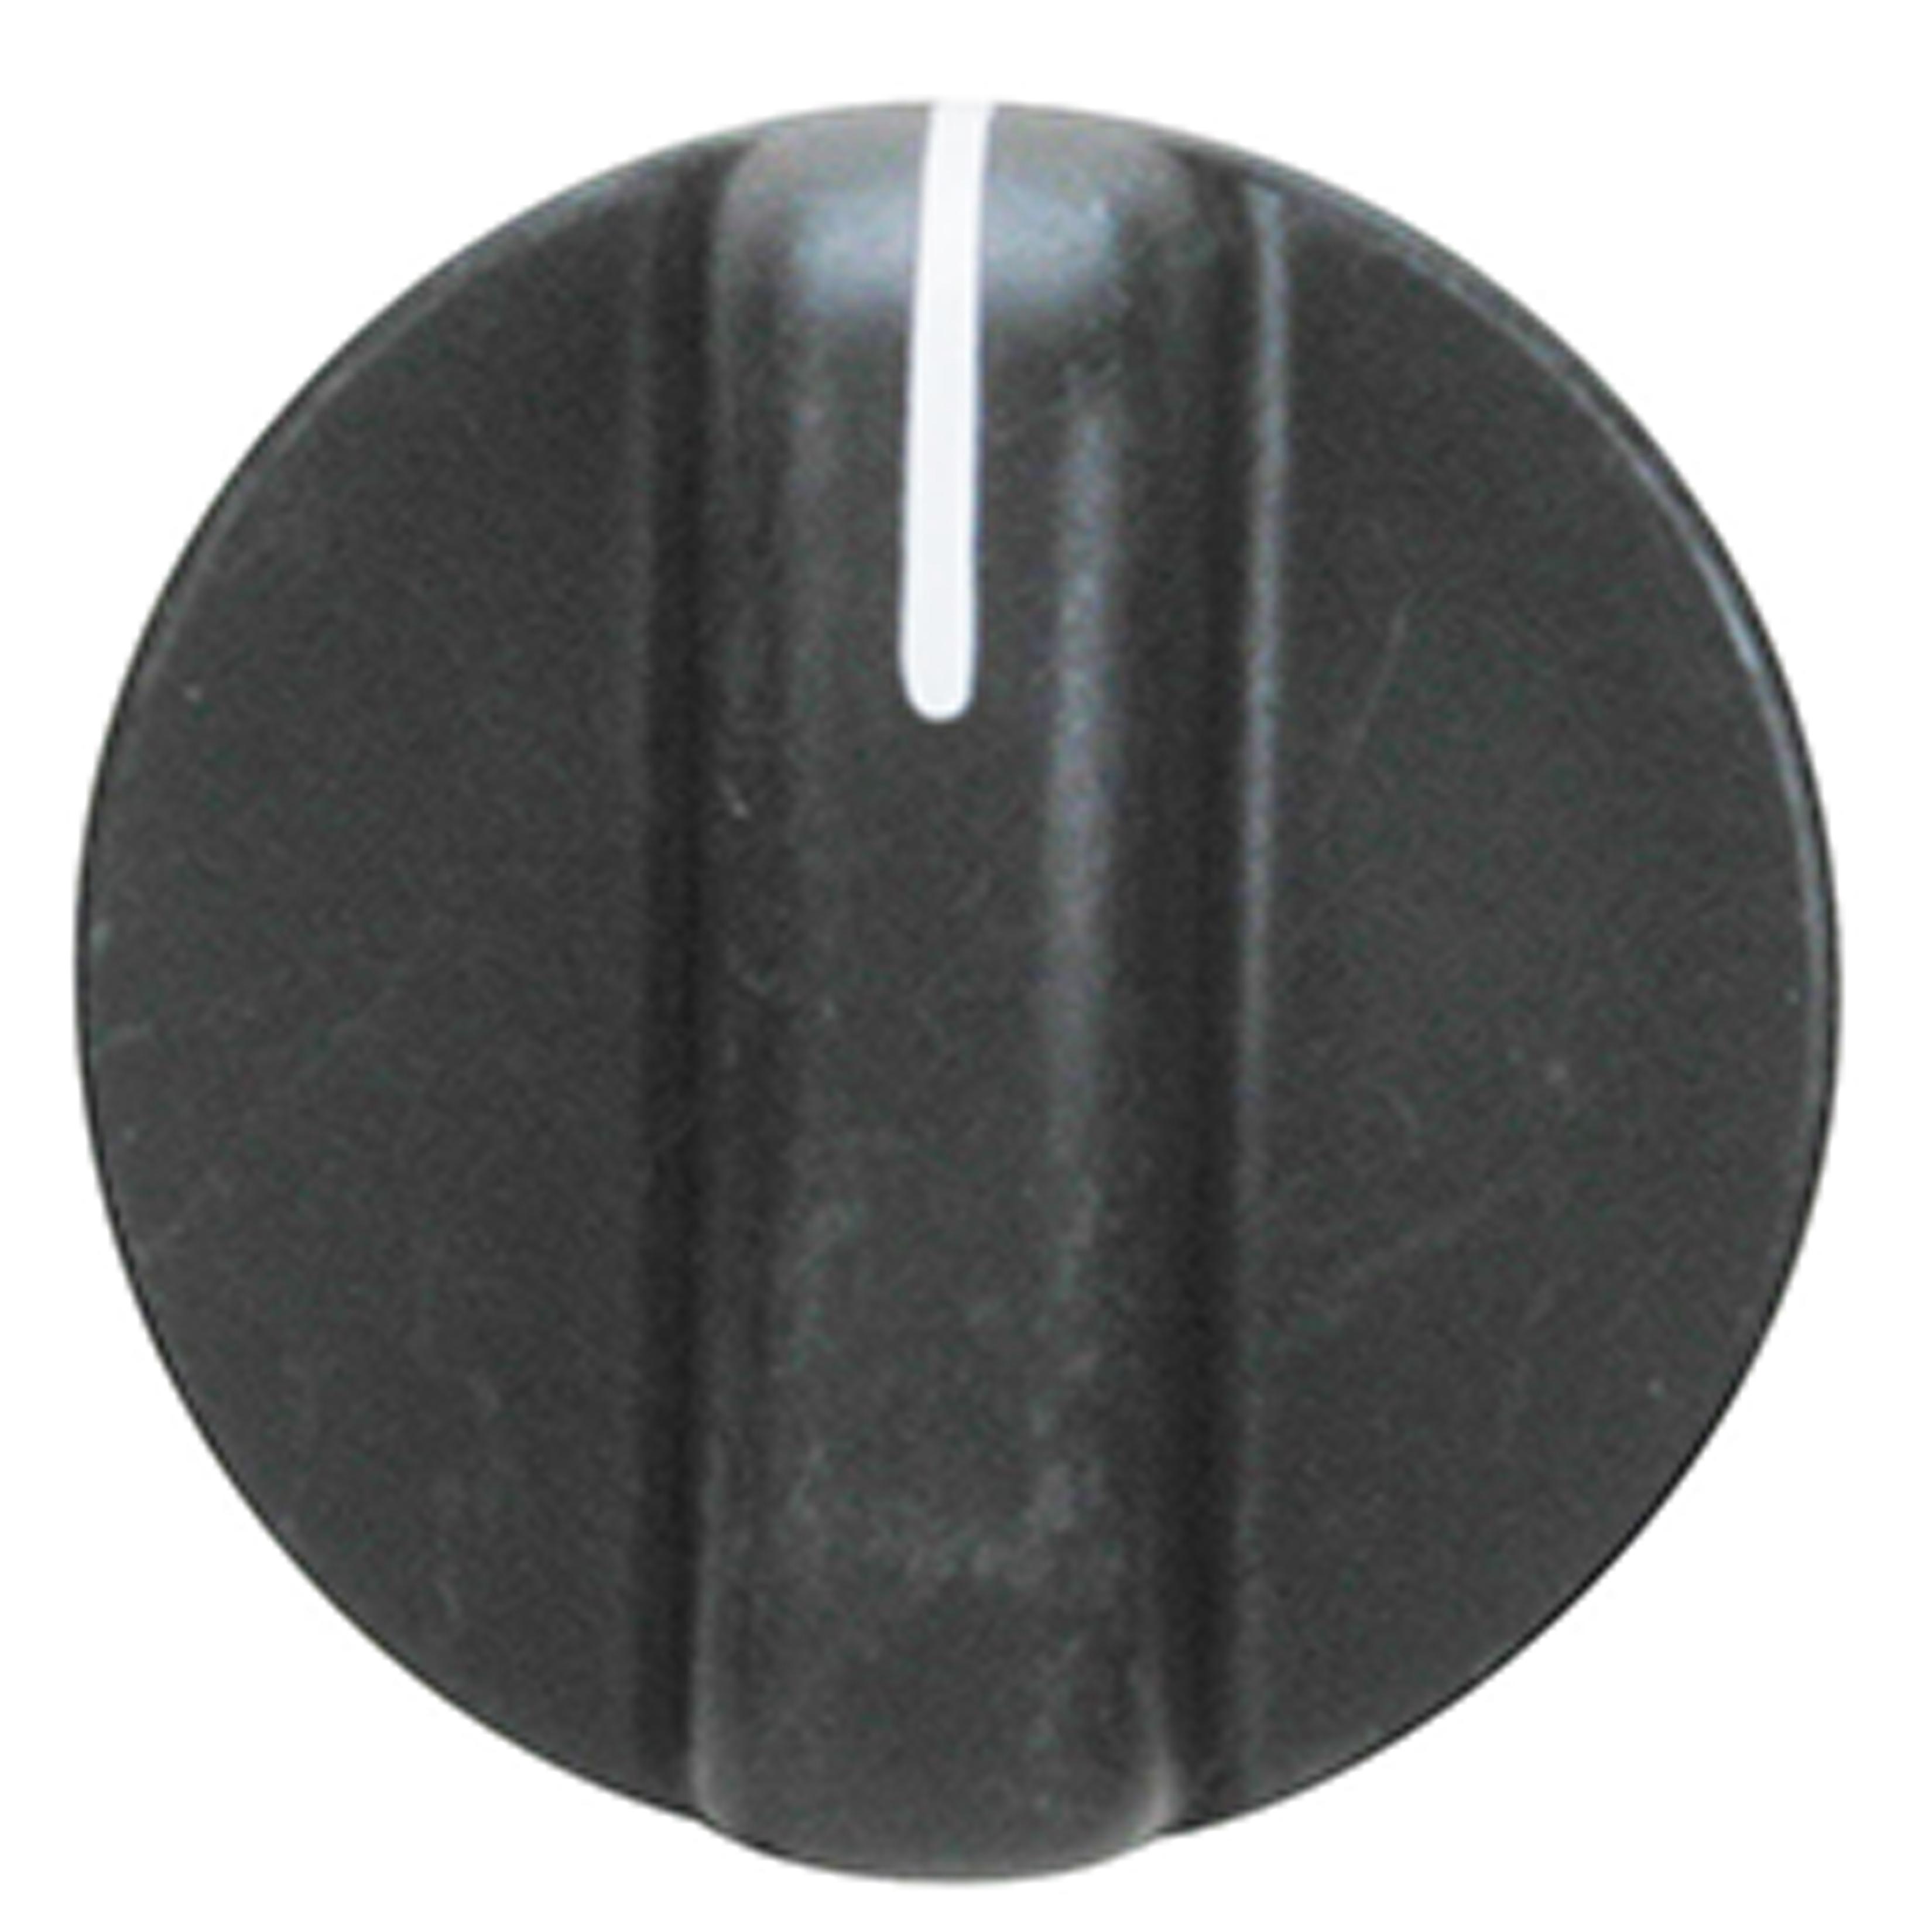 3196231 Whirlpool Stove Oven Range Knob Er3196231 Non Oem